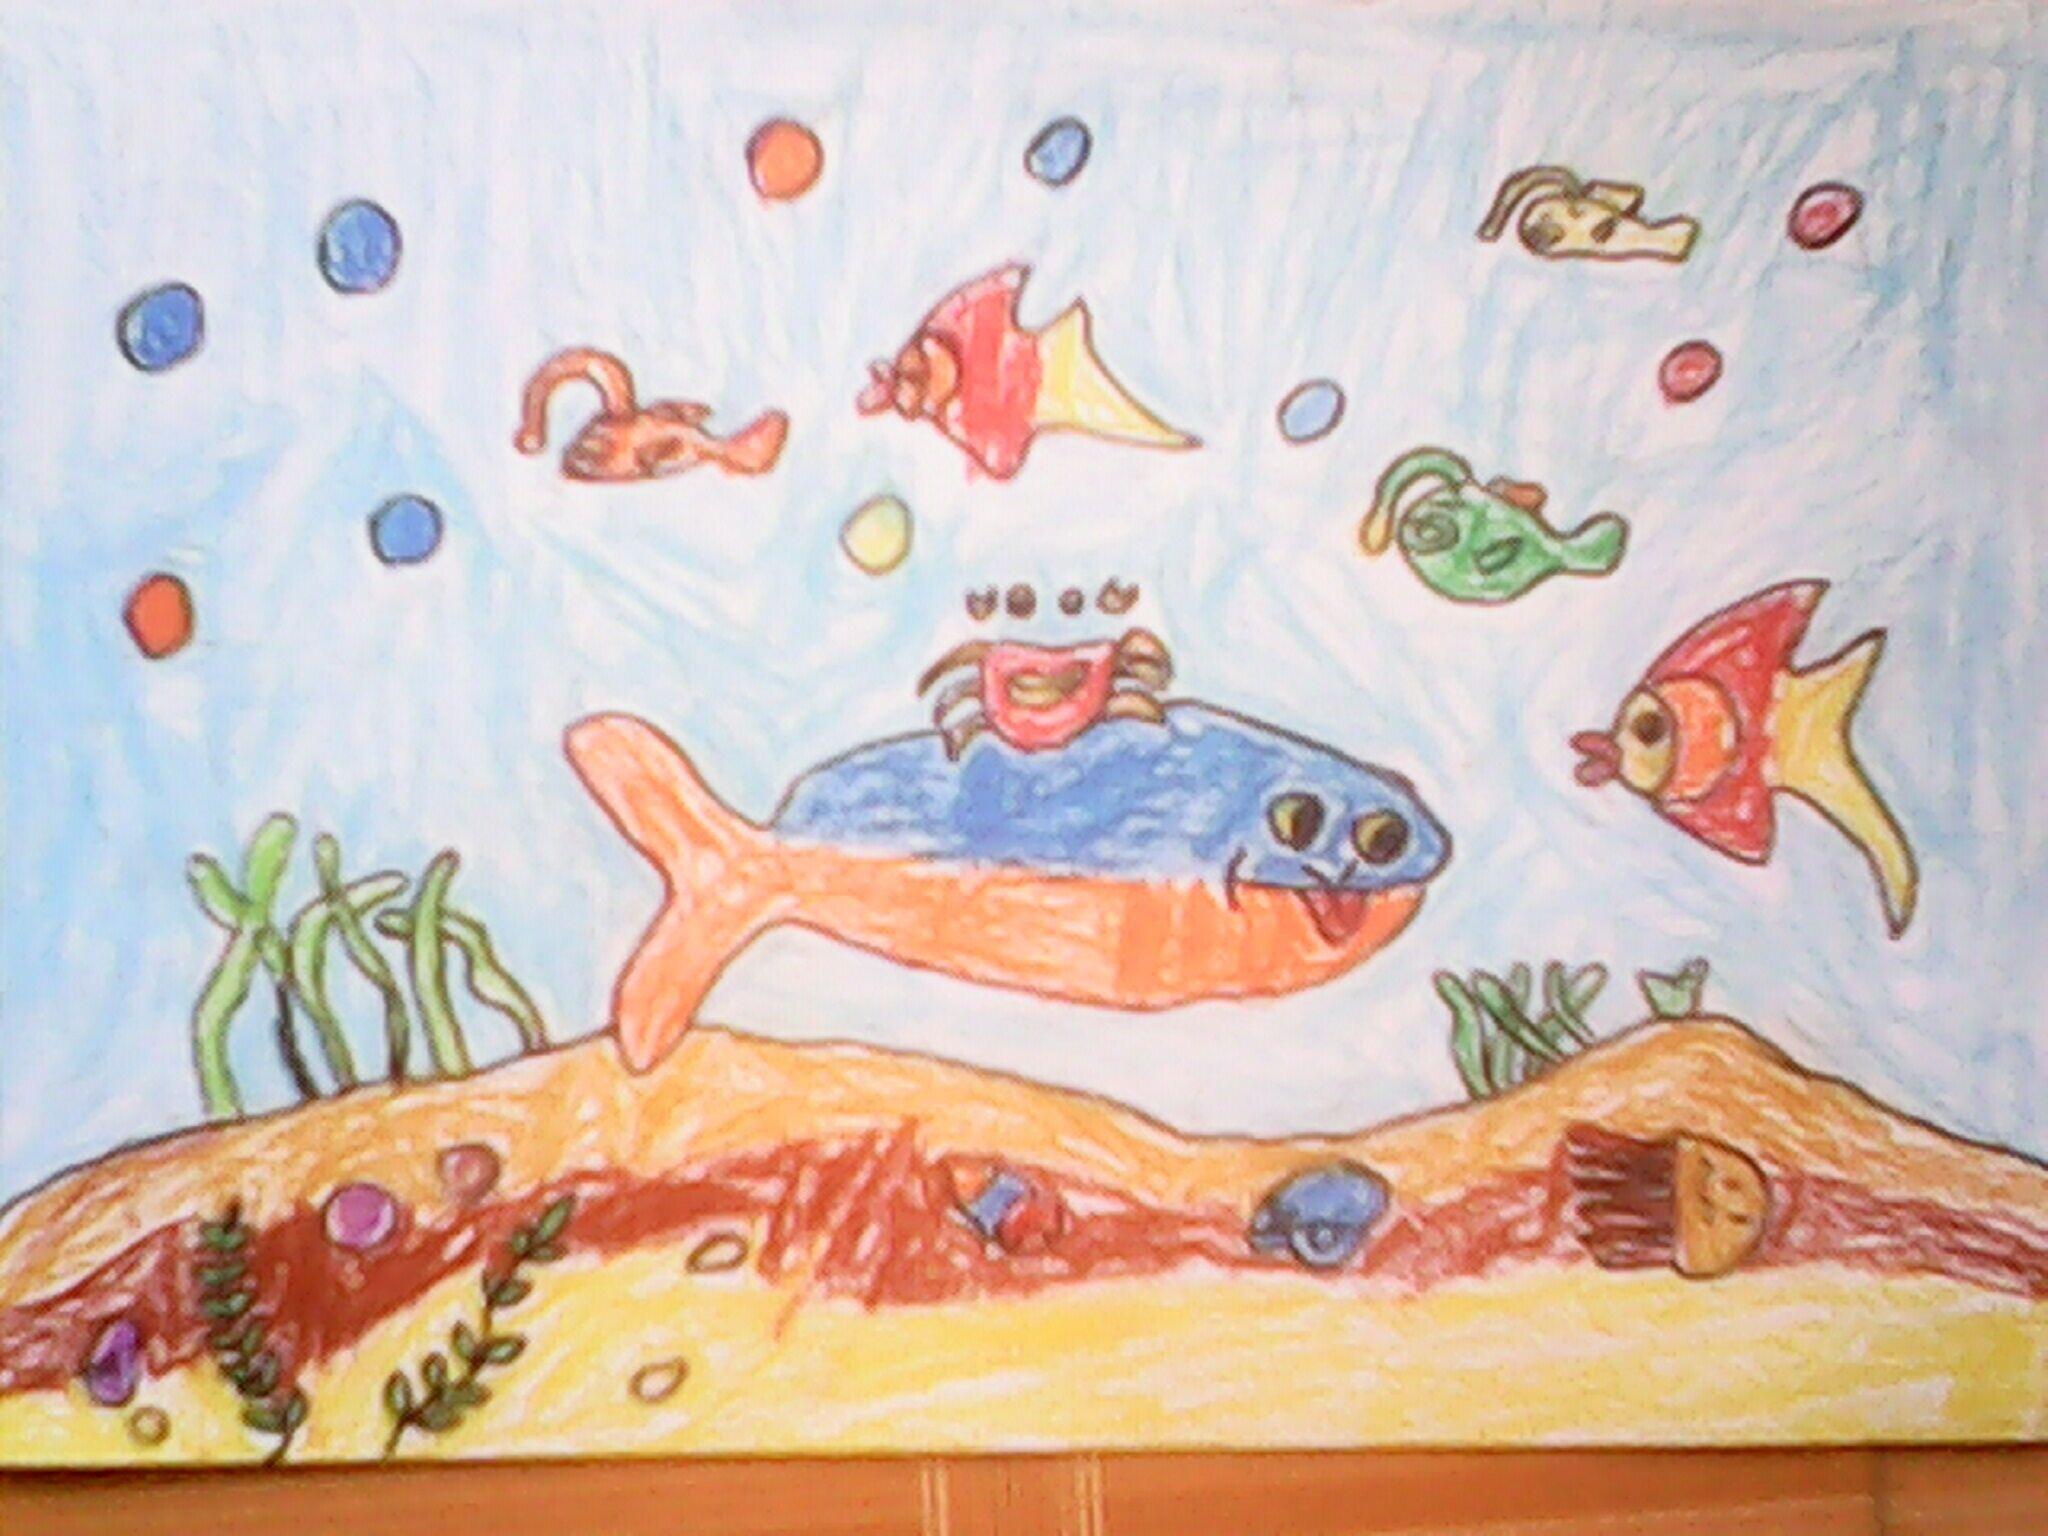 鱼-蜡笔画图集17